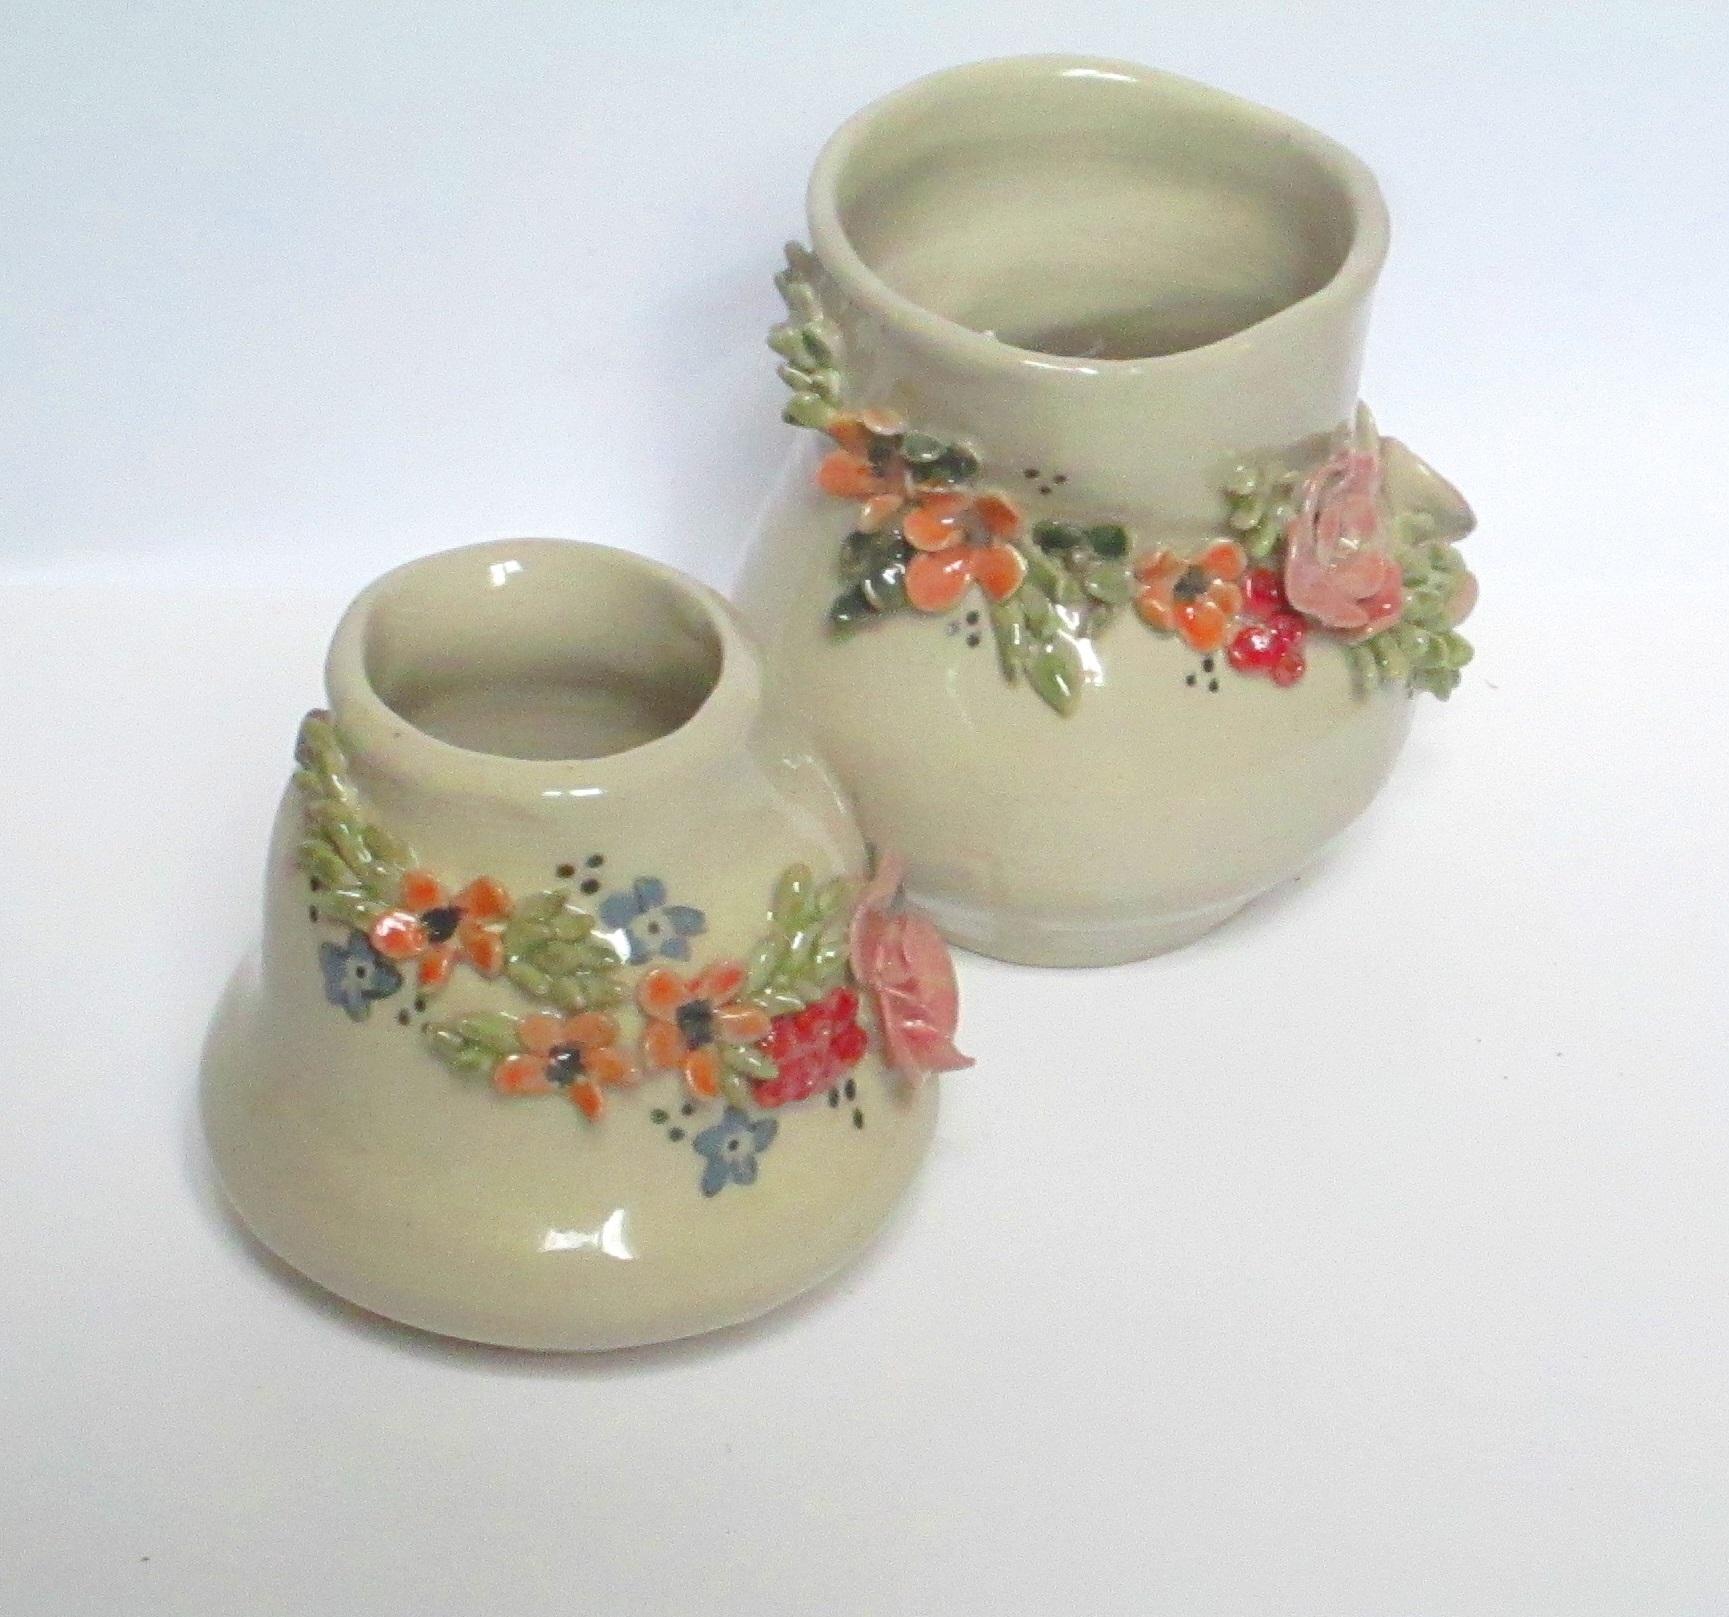 design artigianato sostenibile alto artigianato eccellenza italiana made in italy ceramics savoir faire handmade complemento d'arredo 1000 vases